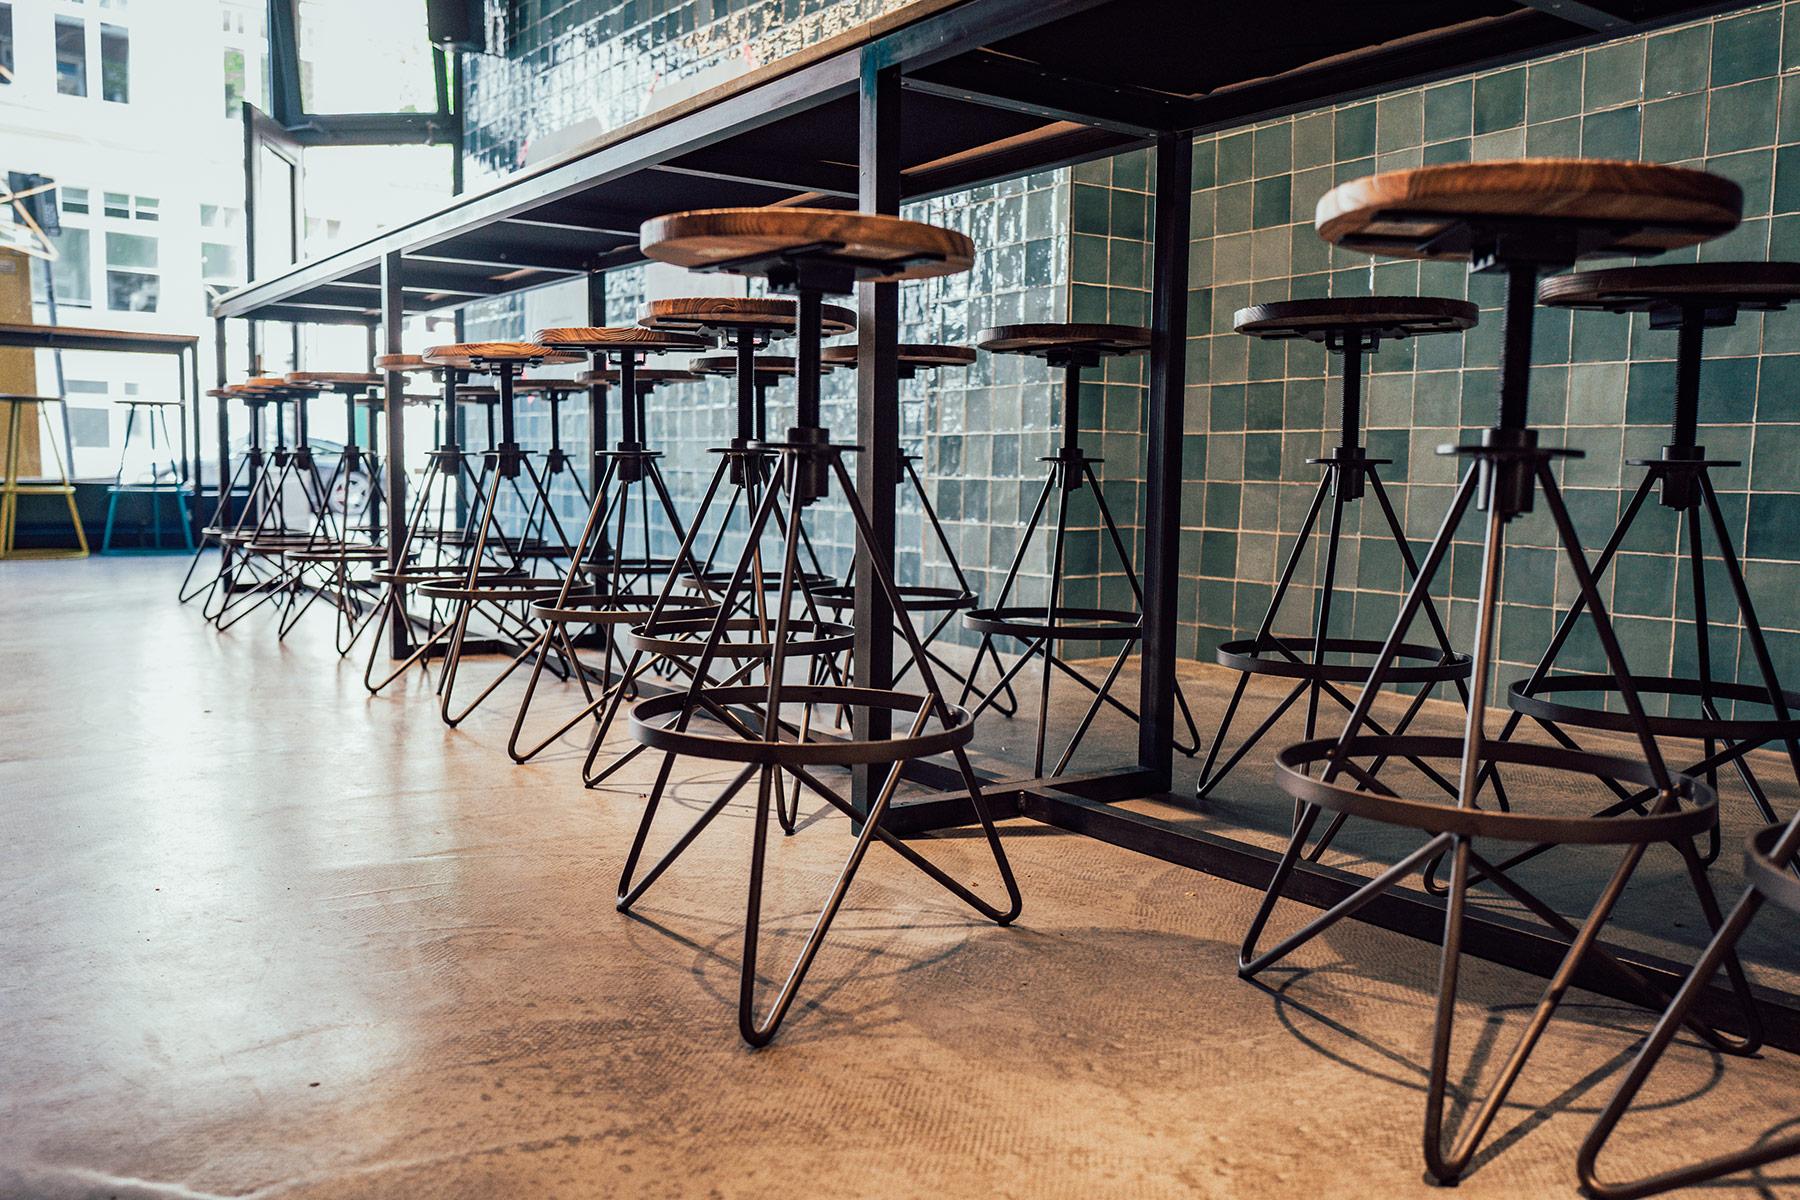 Geheimtipp Hamburg Essen & Trinken Restaurant Altstadt Mi Chii Lisa Knauer 8